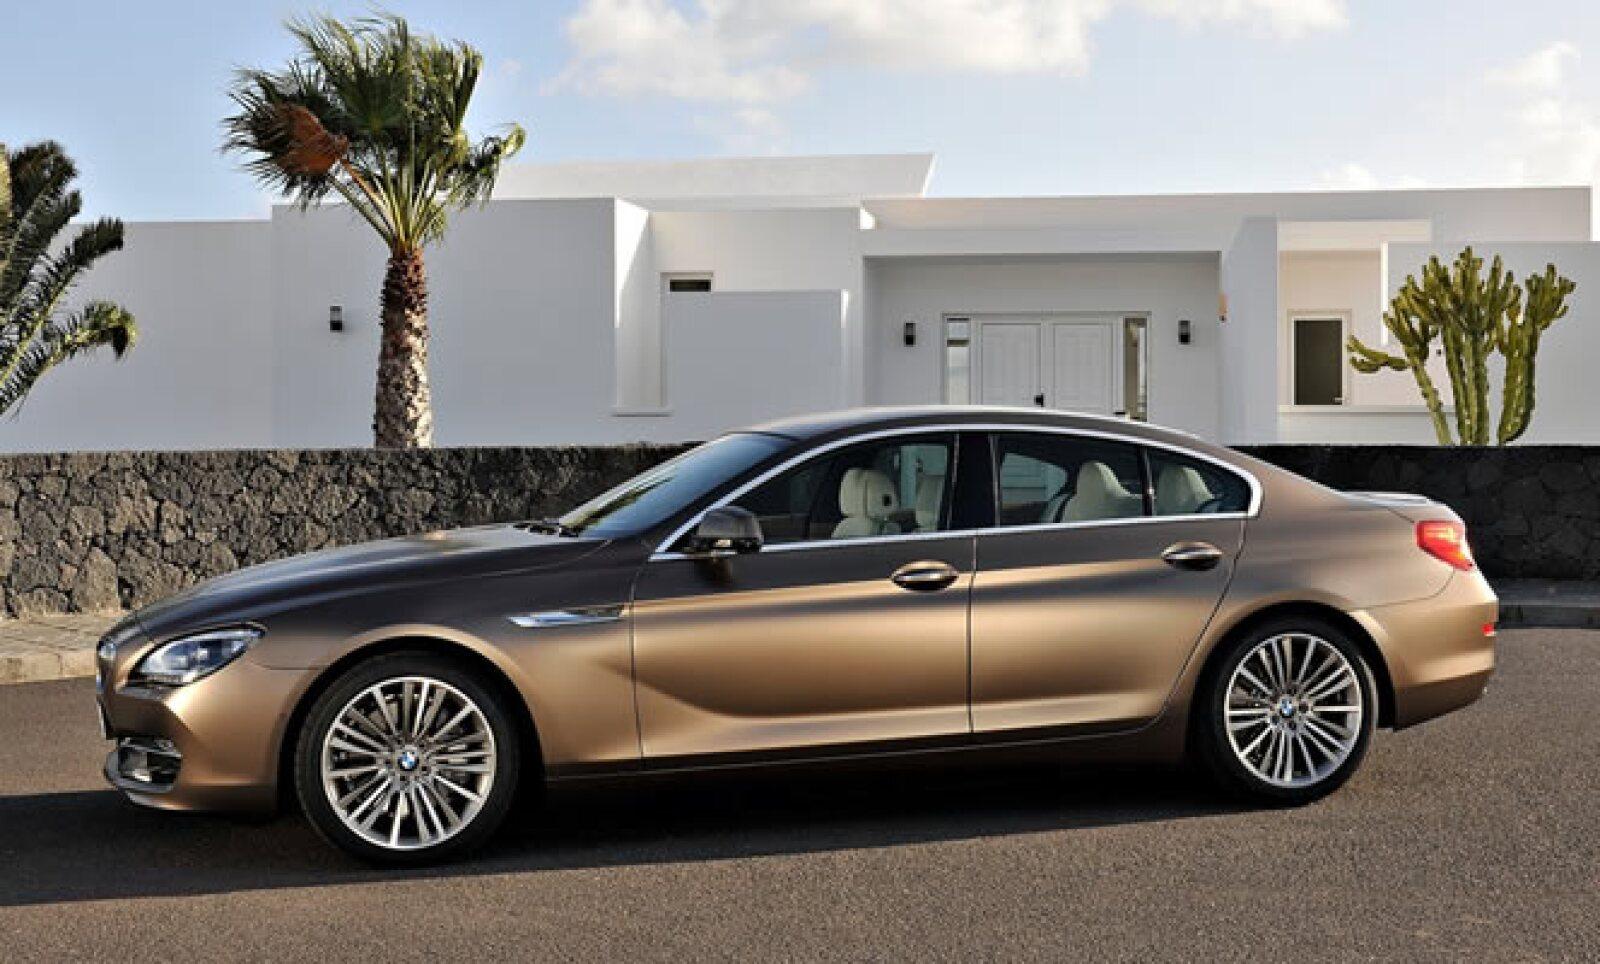 El motor de gasolina de seis cilindros en línea del BMW 640i Gran Coupé tiene una potencia de 320 caballos de fuerza.